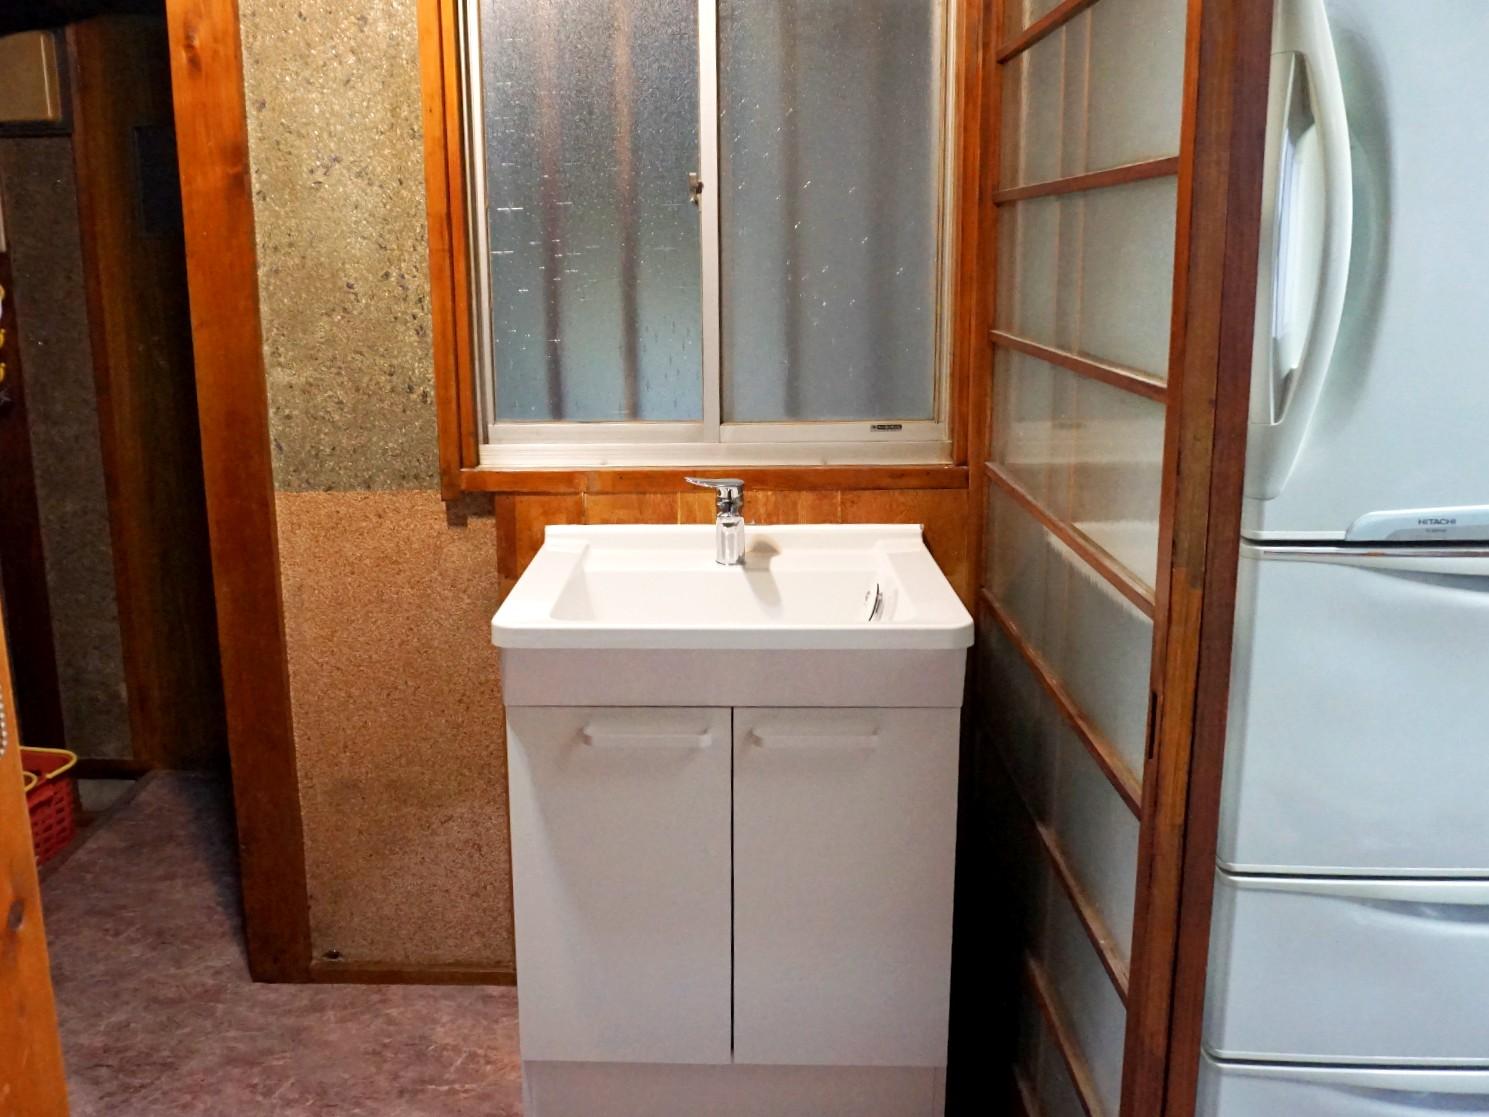 洗面所ー洗面台交換―90,895円(施工費含)(税込)